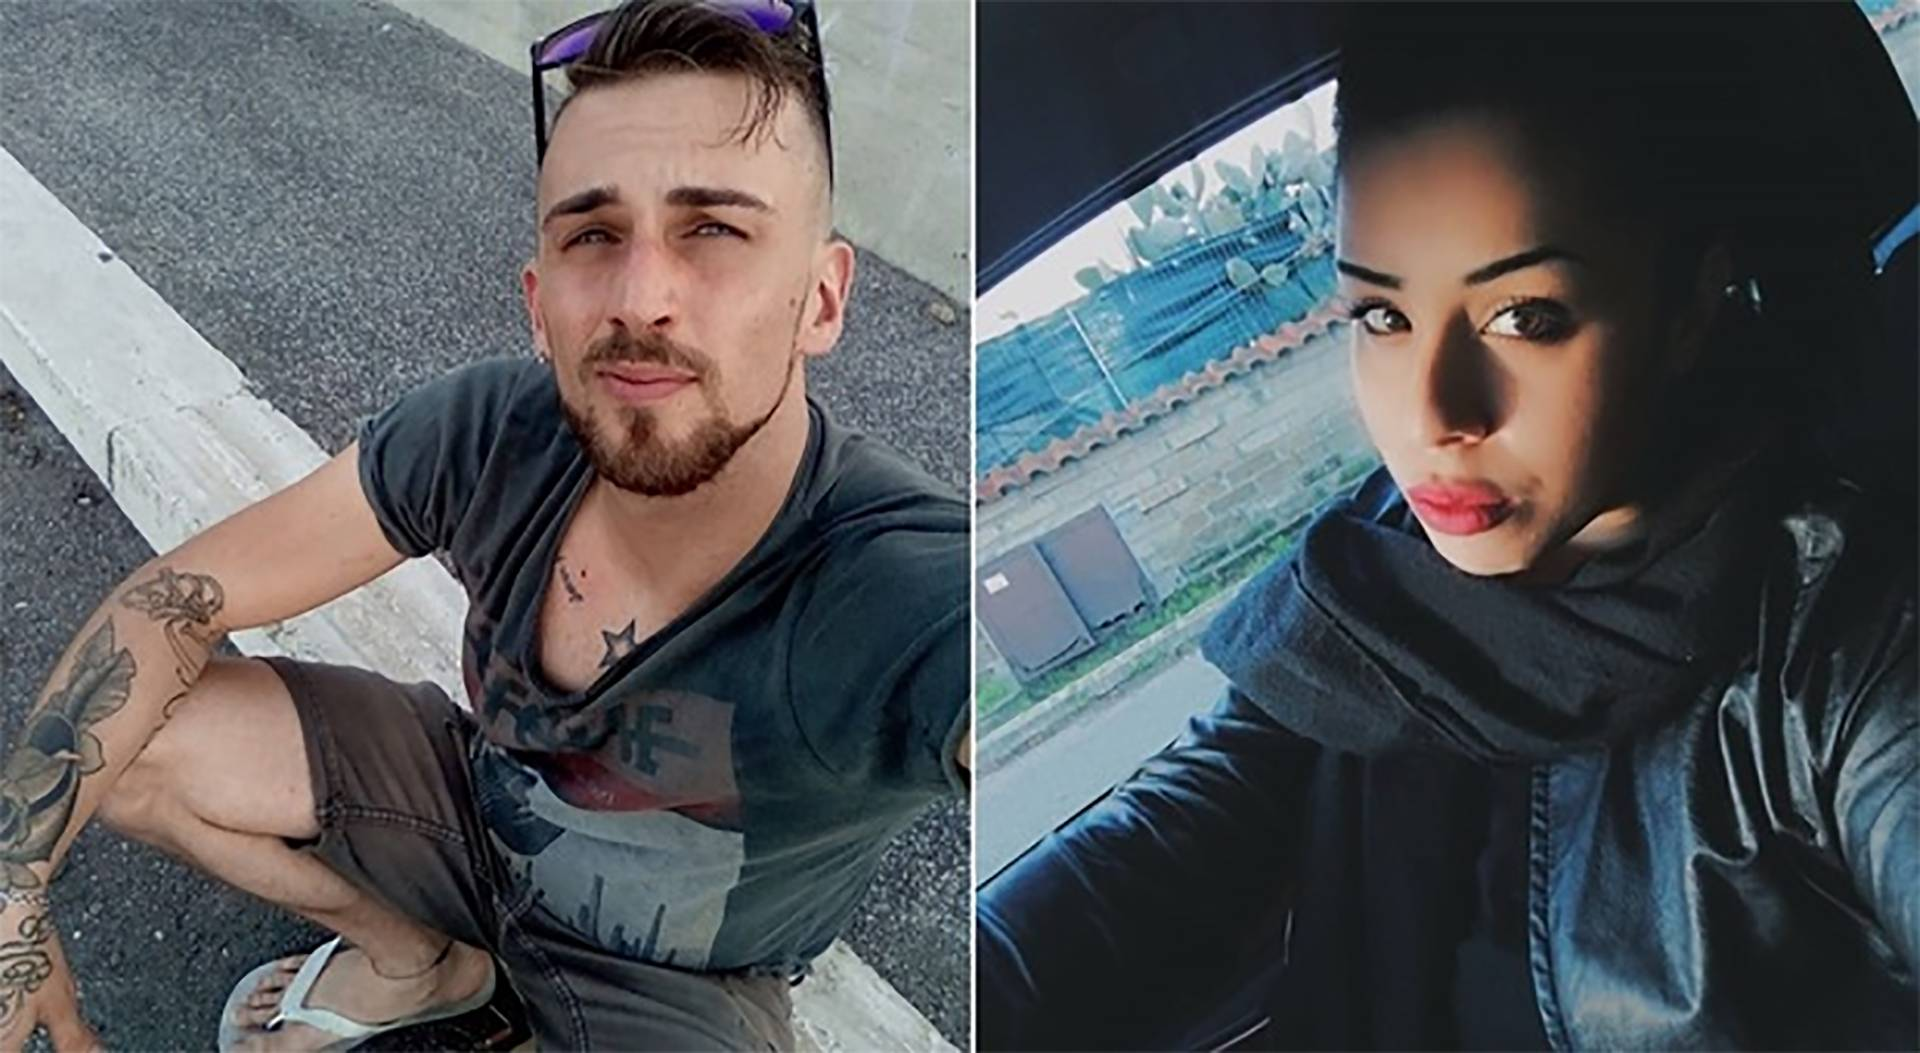 Le due vittime di uno schianto contro un guardrail a Roma